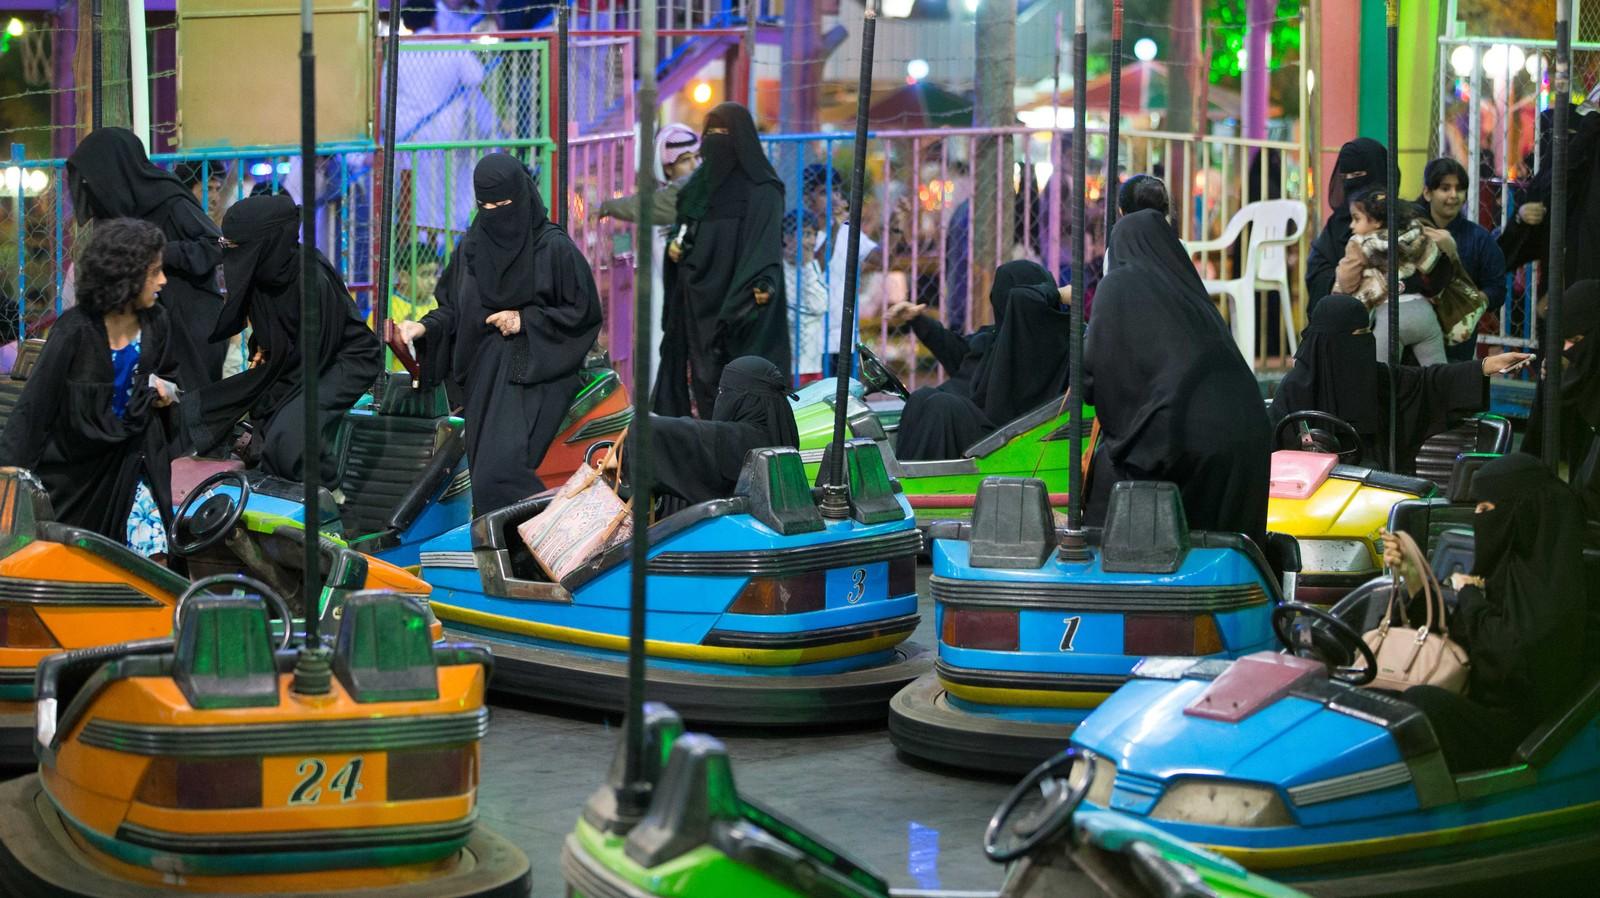 Les Saoudiennes peuvent aller dans les parcs d'attractions, mais il y a des règles à respecter